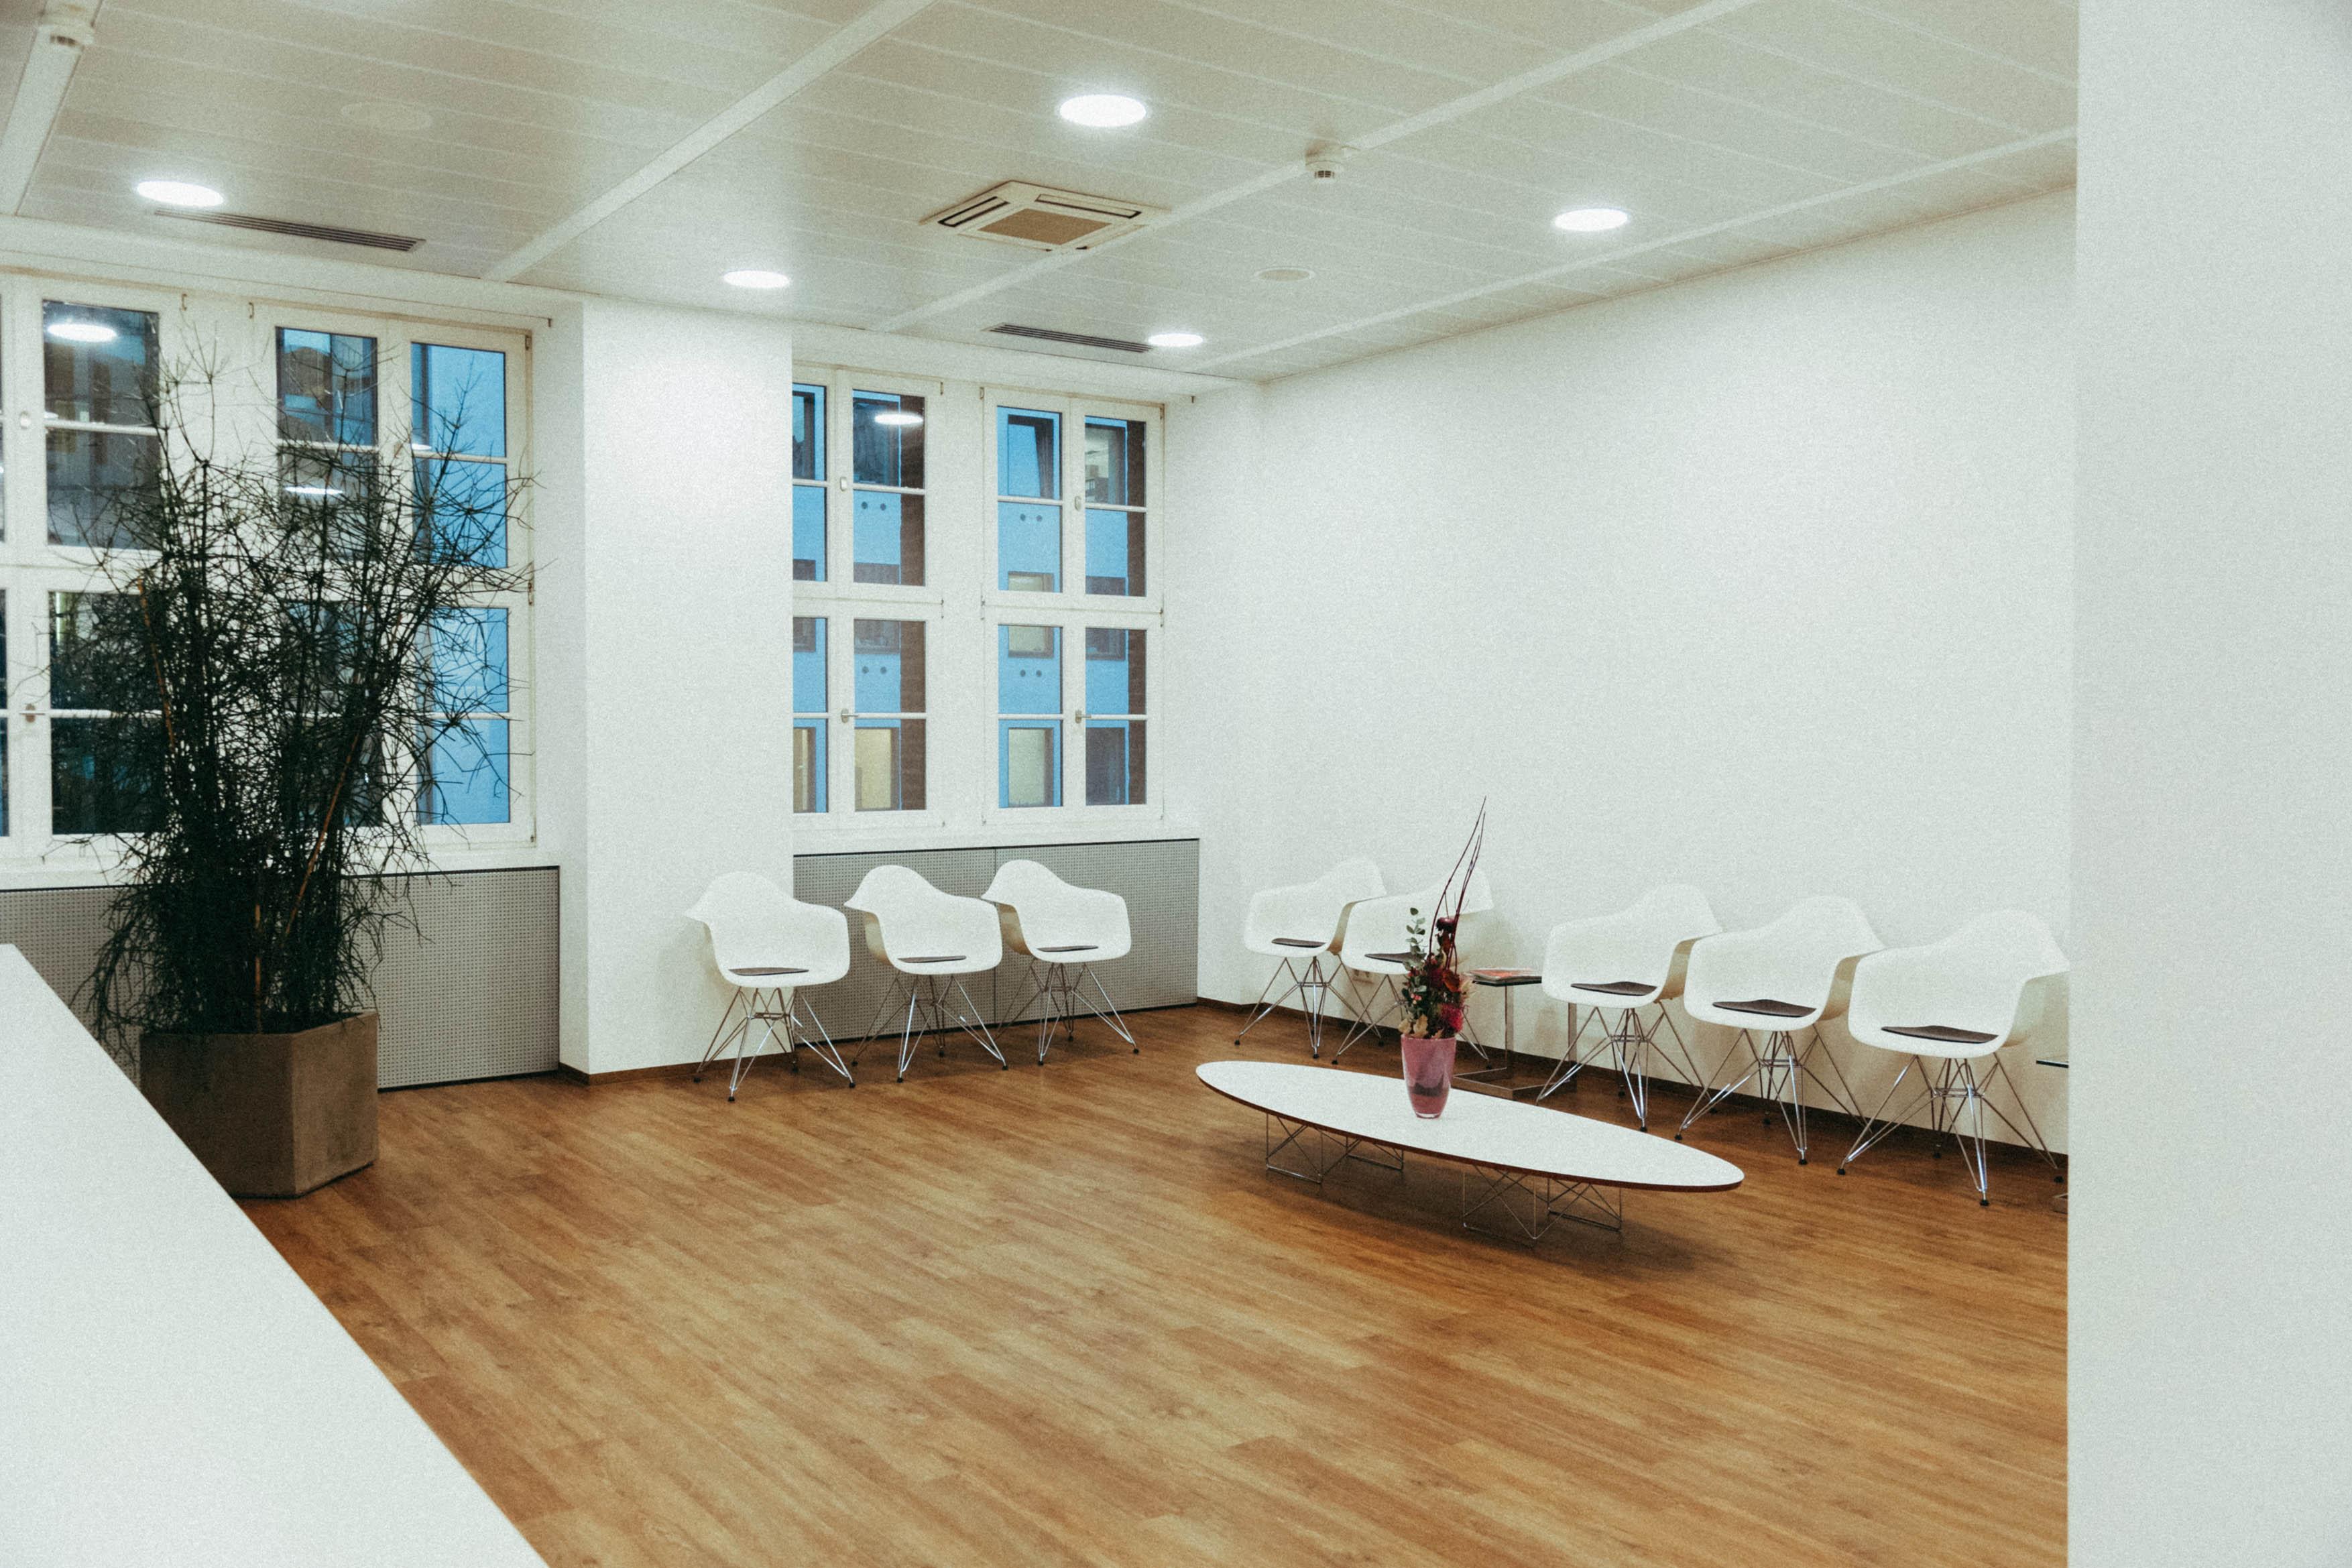 Klinik Neuer Stahlhof Wartezimmer